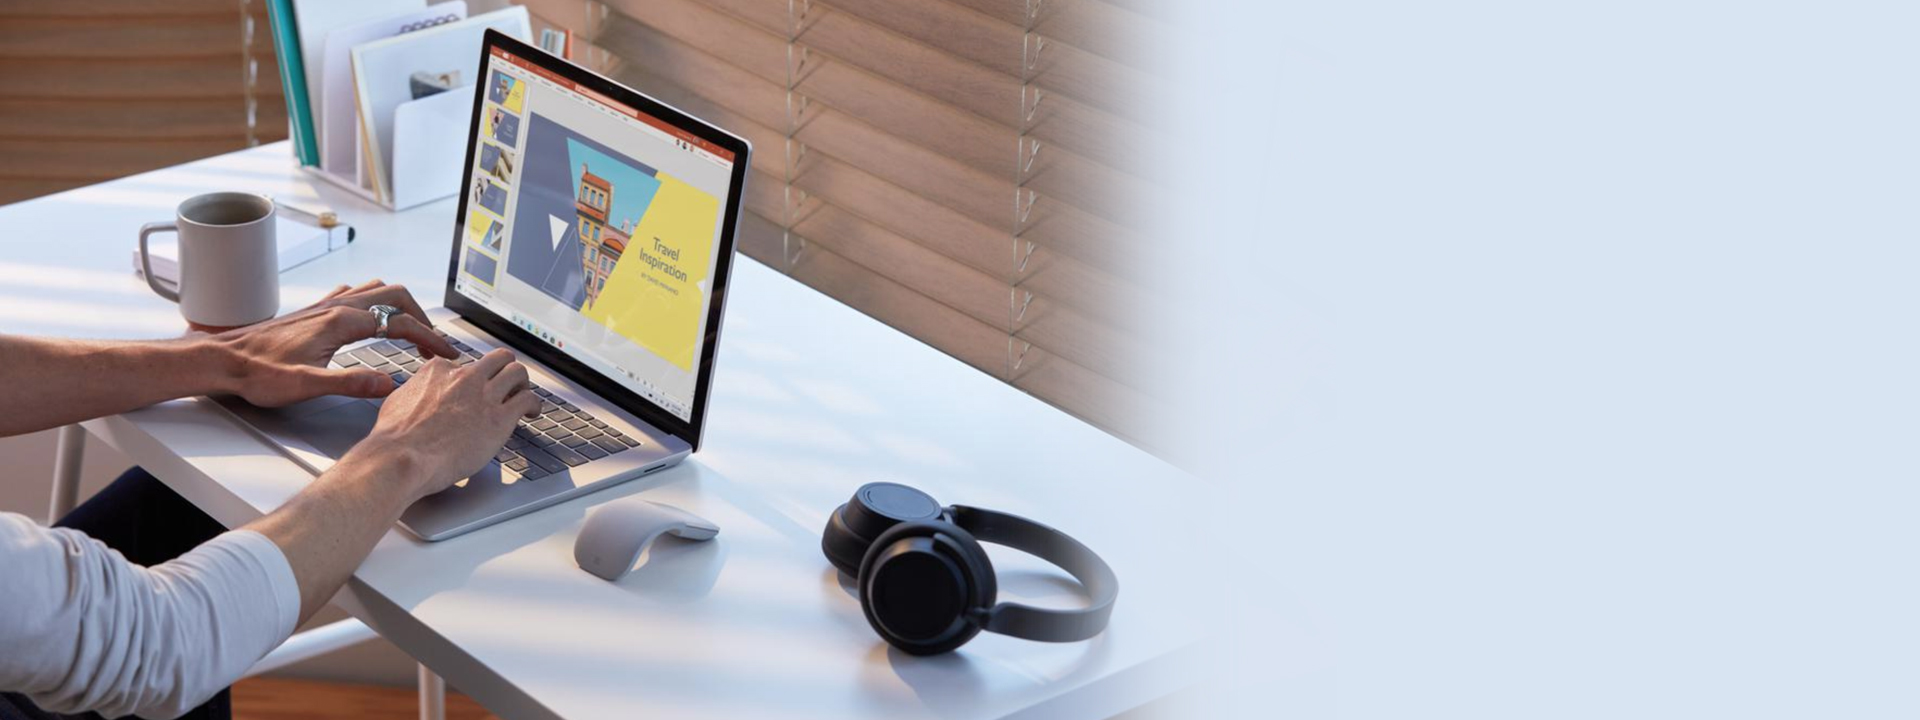 Surface Laptop 3 et Surface Headphones sur une table